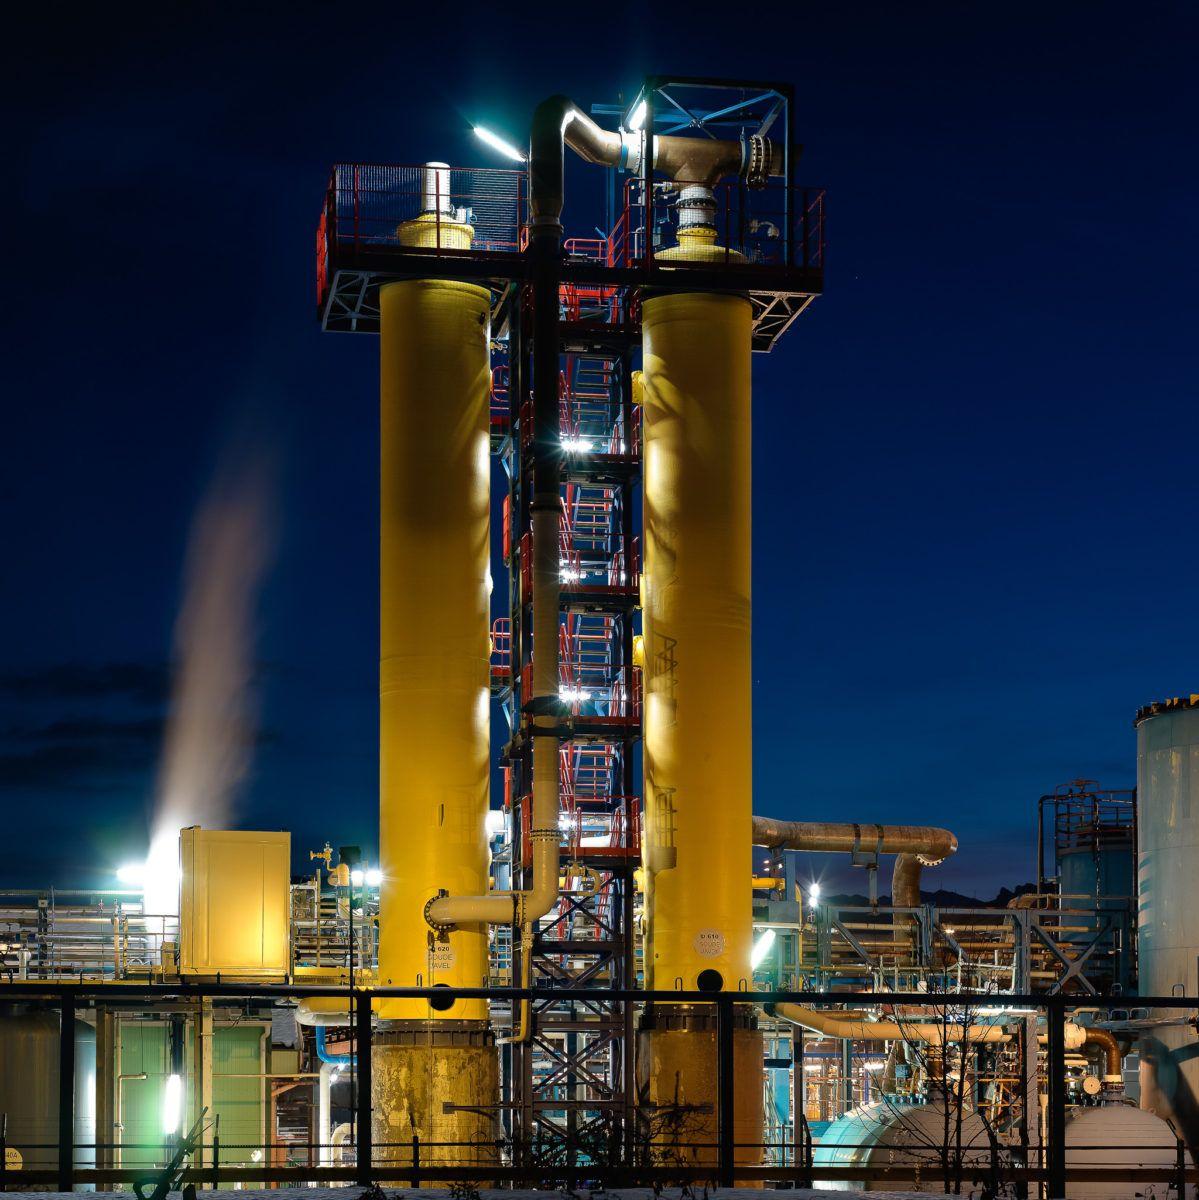 Cheminée jaunes d'une usine chimique de nuit